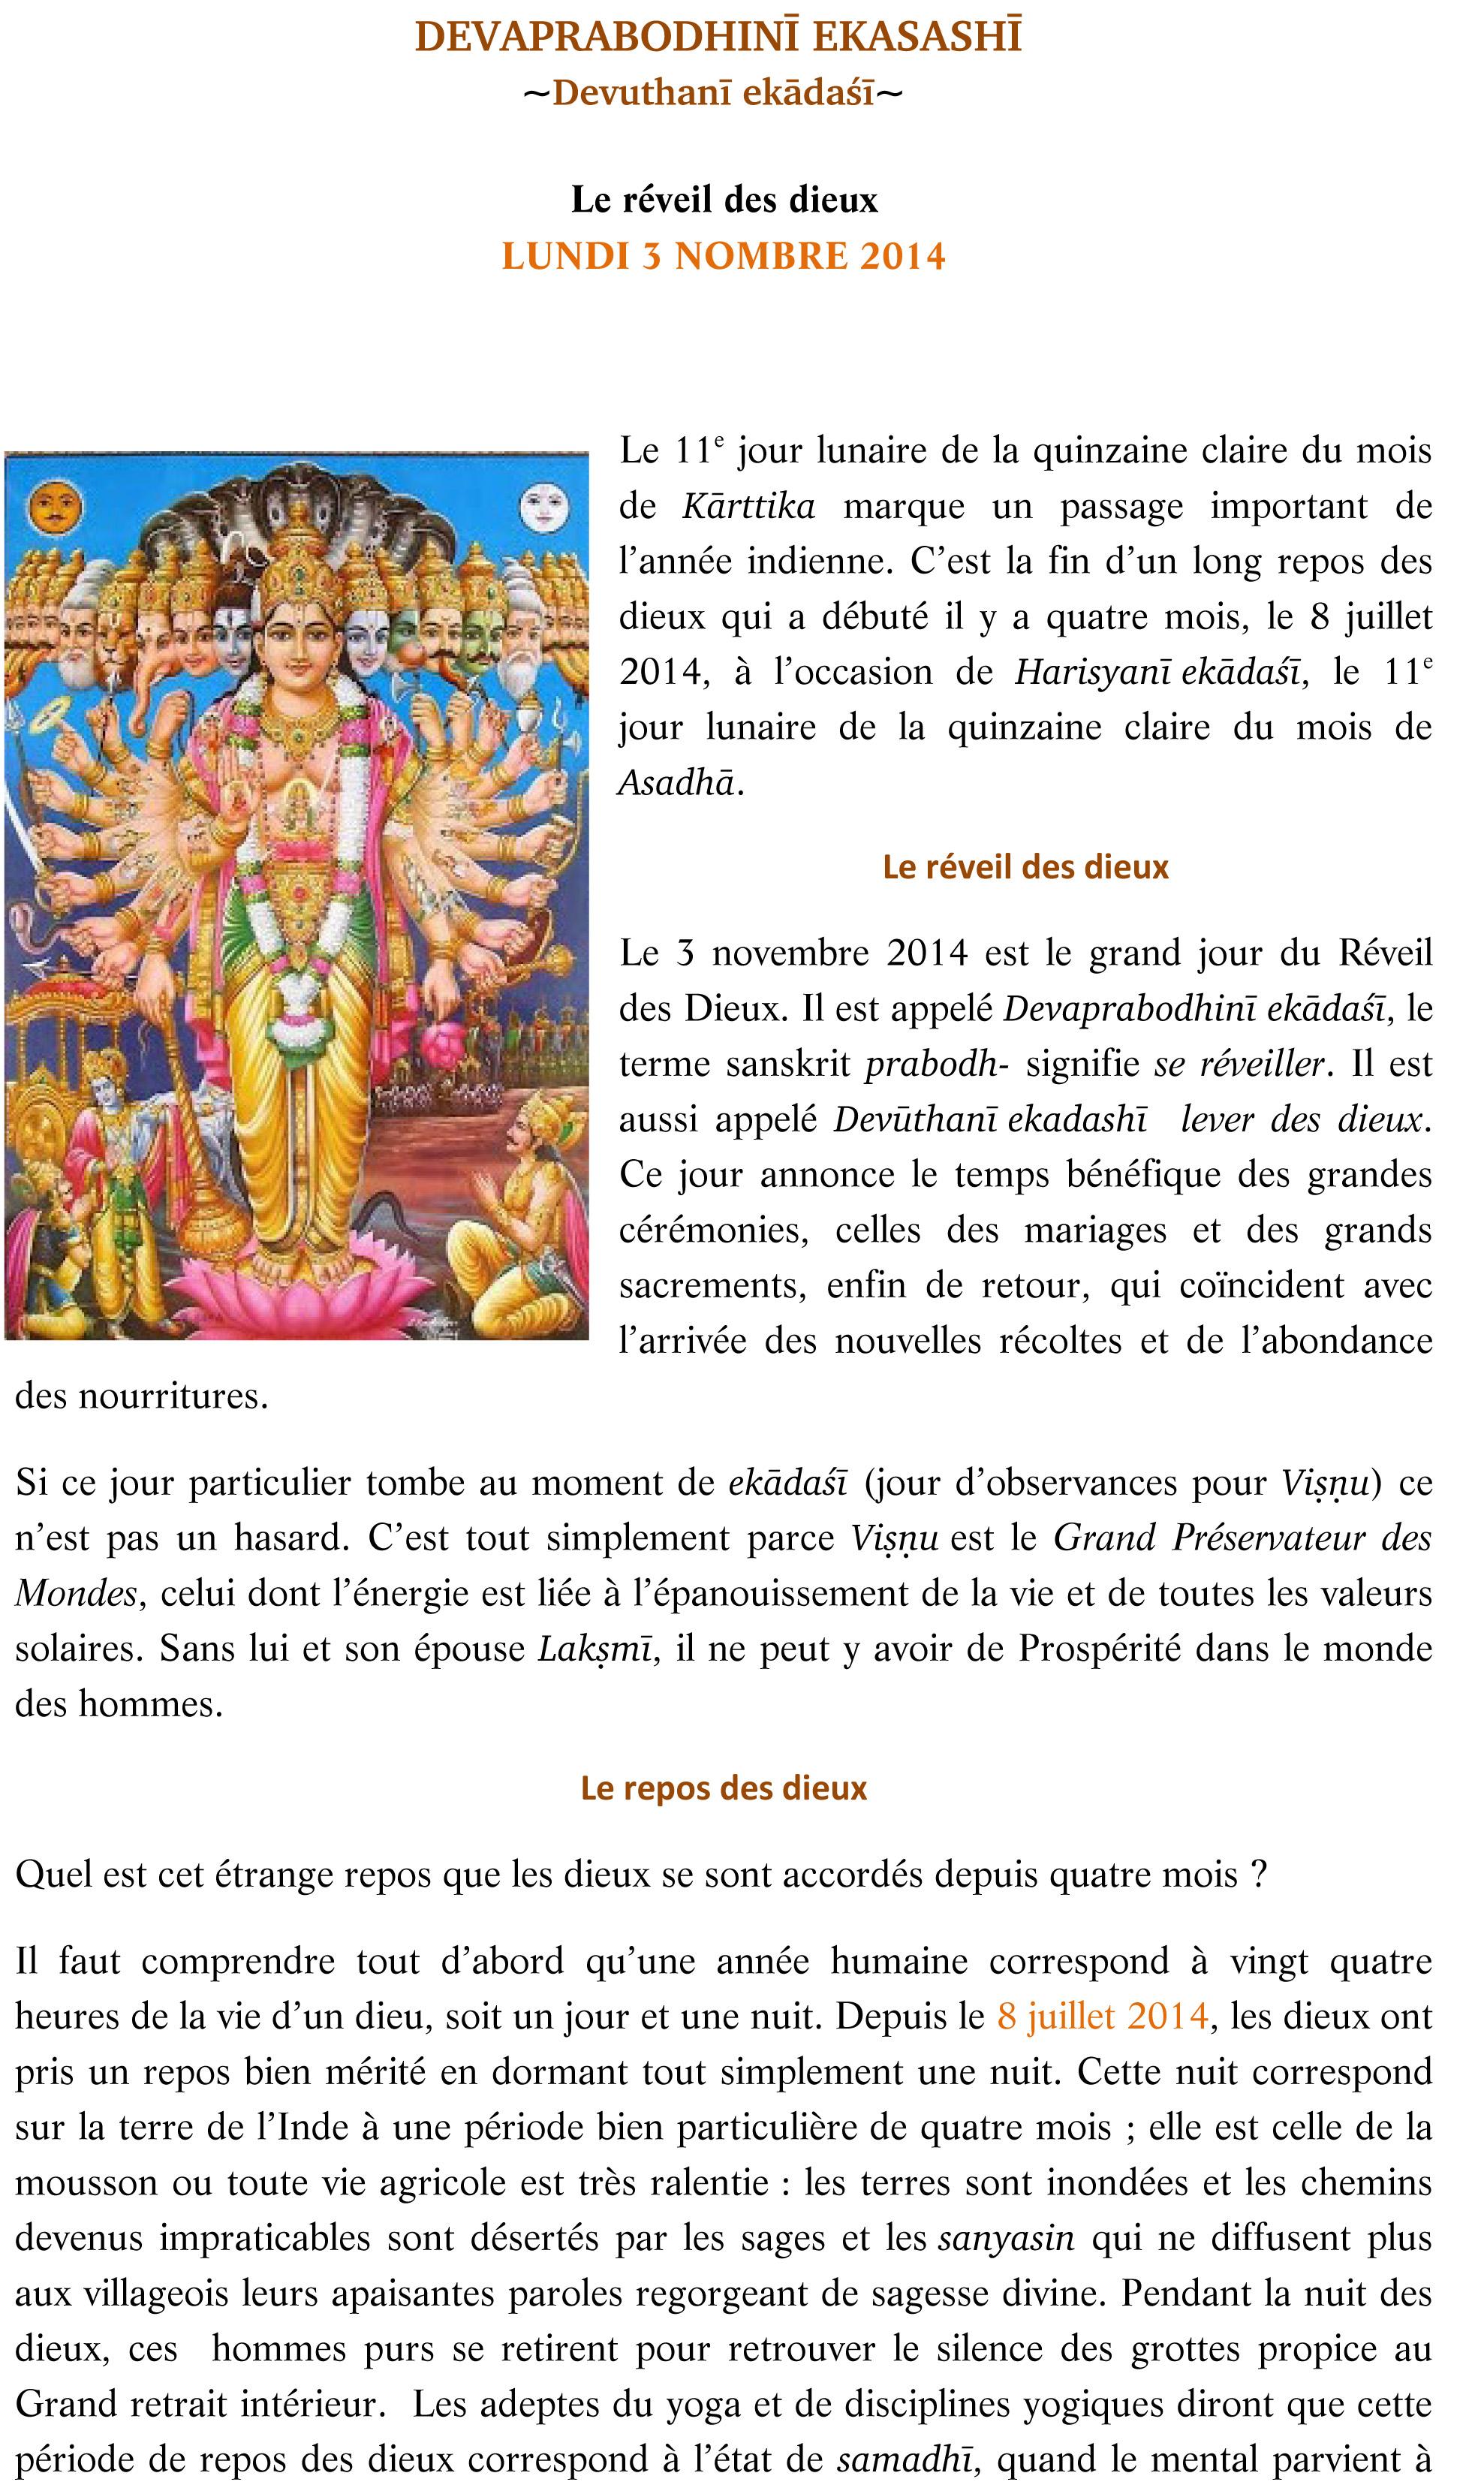 devapabodhini reveil des dieux isa relu-1